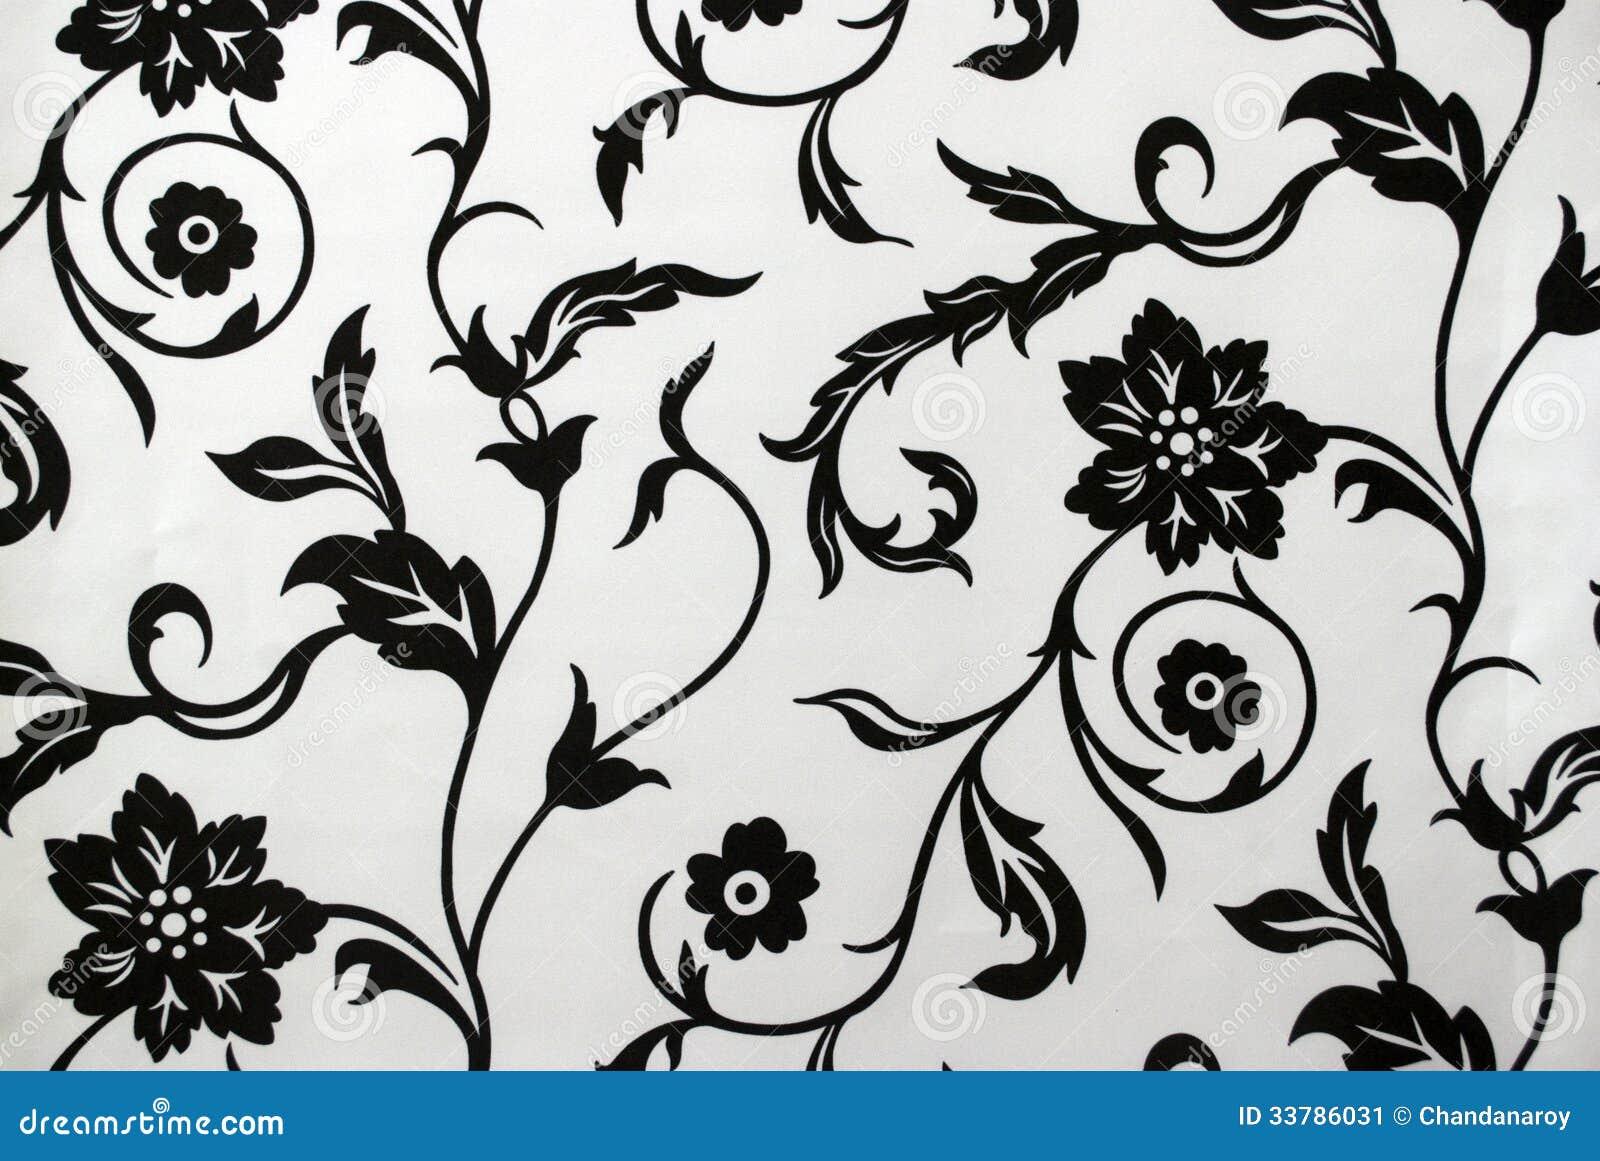 Modelo decorativo del papel pintado en blanco y negro for Papel pintado rojo y blanco